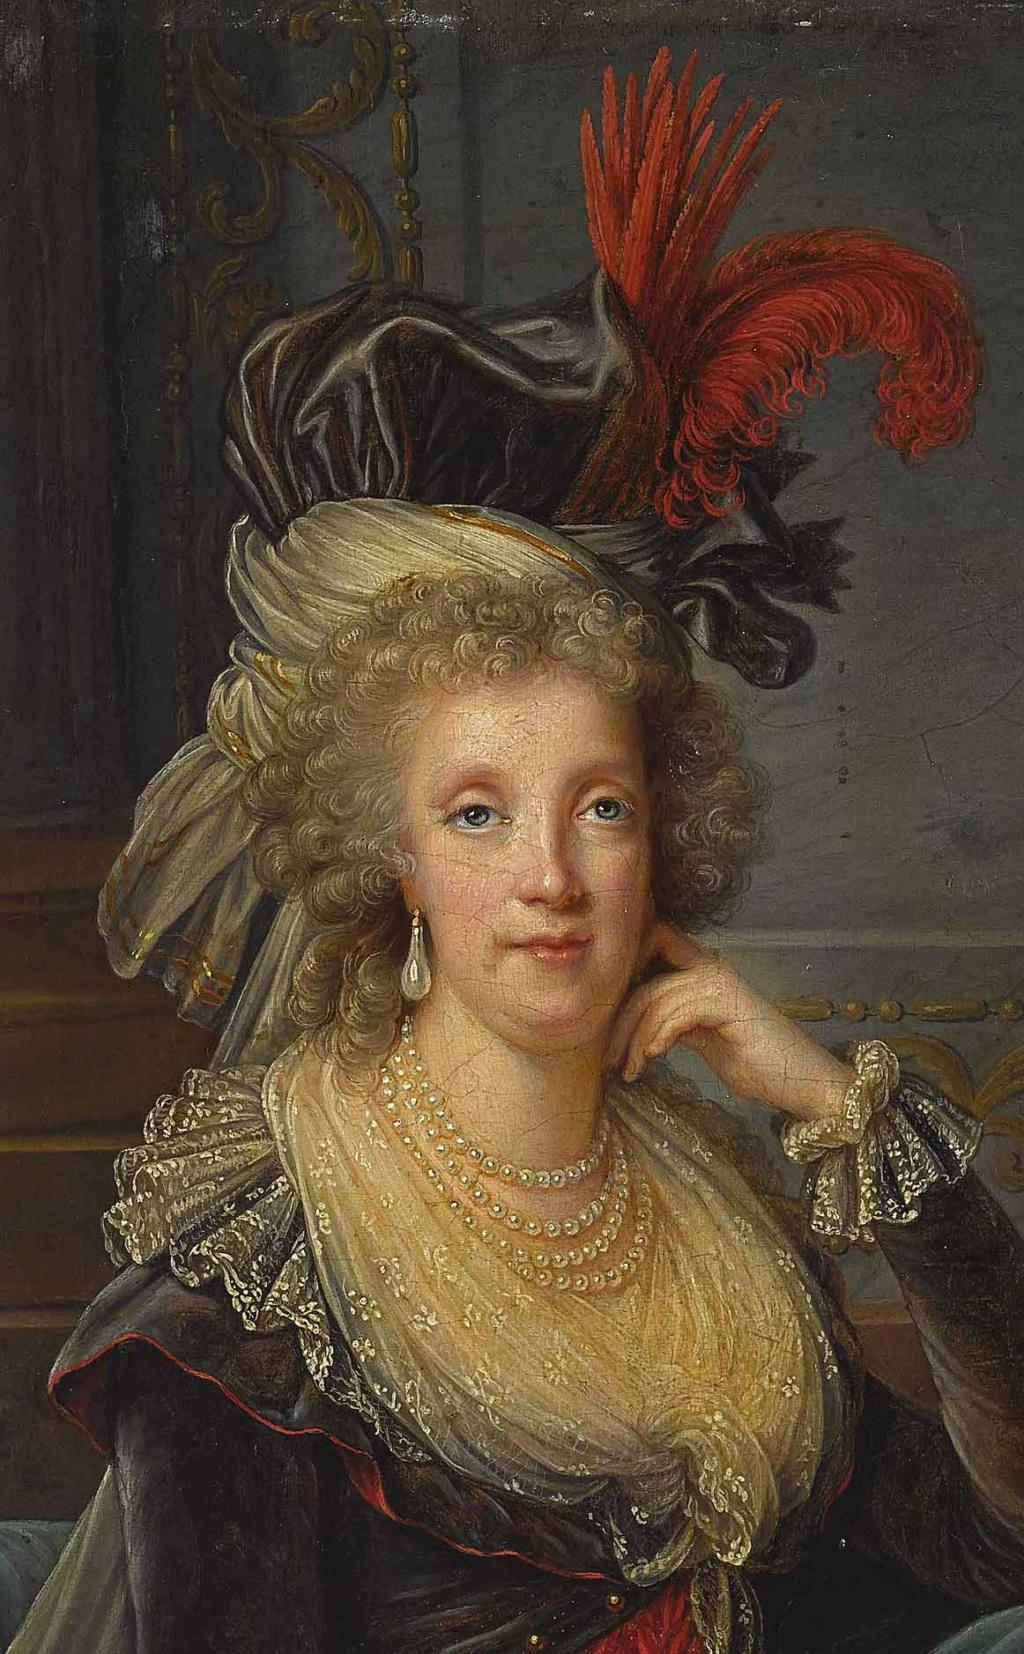 Portraits de Marie Caroline d'Autriche, reine de Naples et de Sicile - Page 3 Marie_96